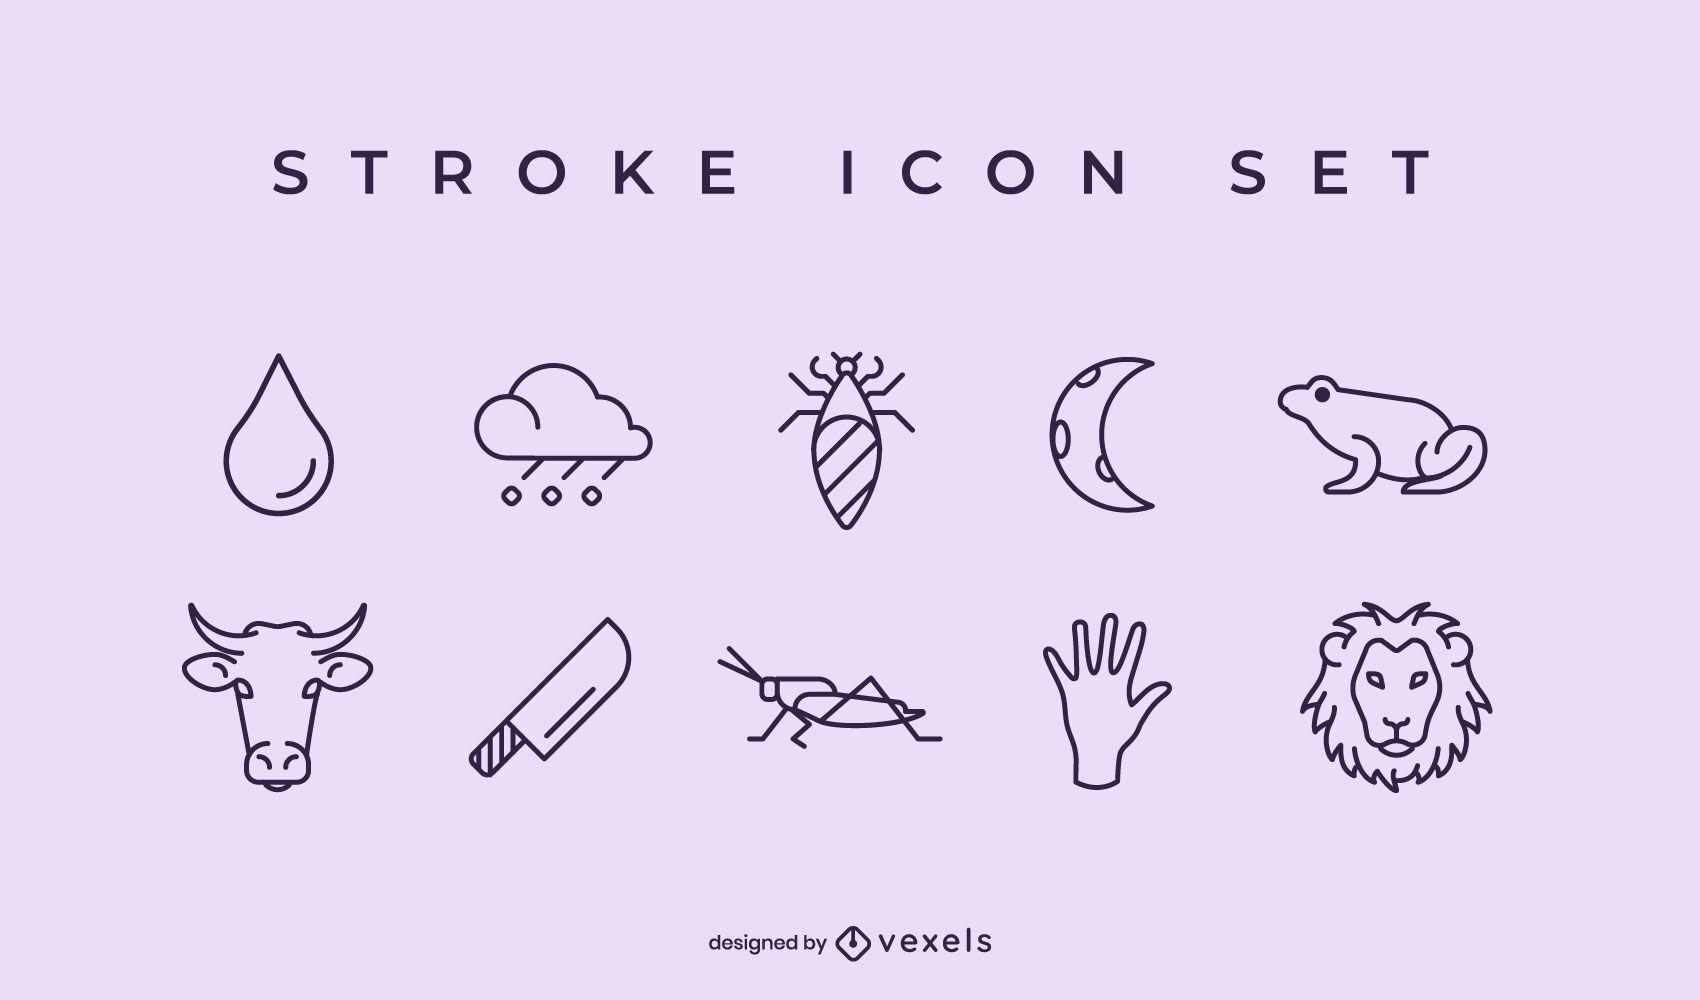 Plagues of Egypt stroke icon set